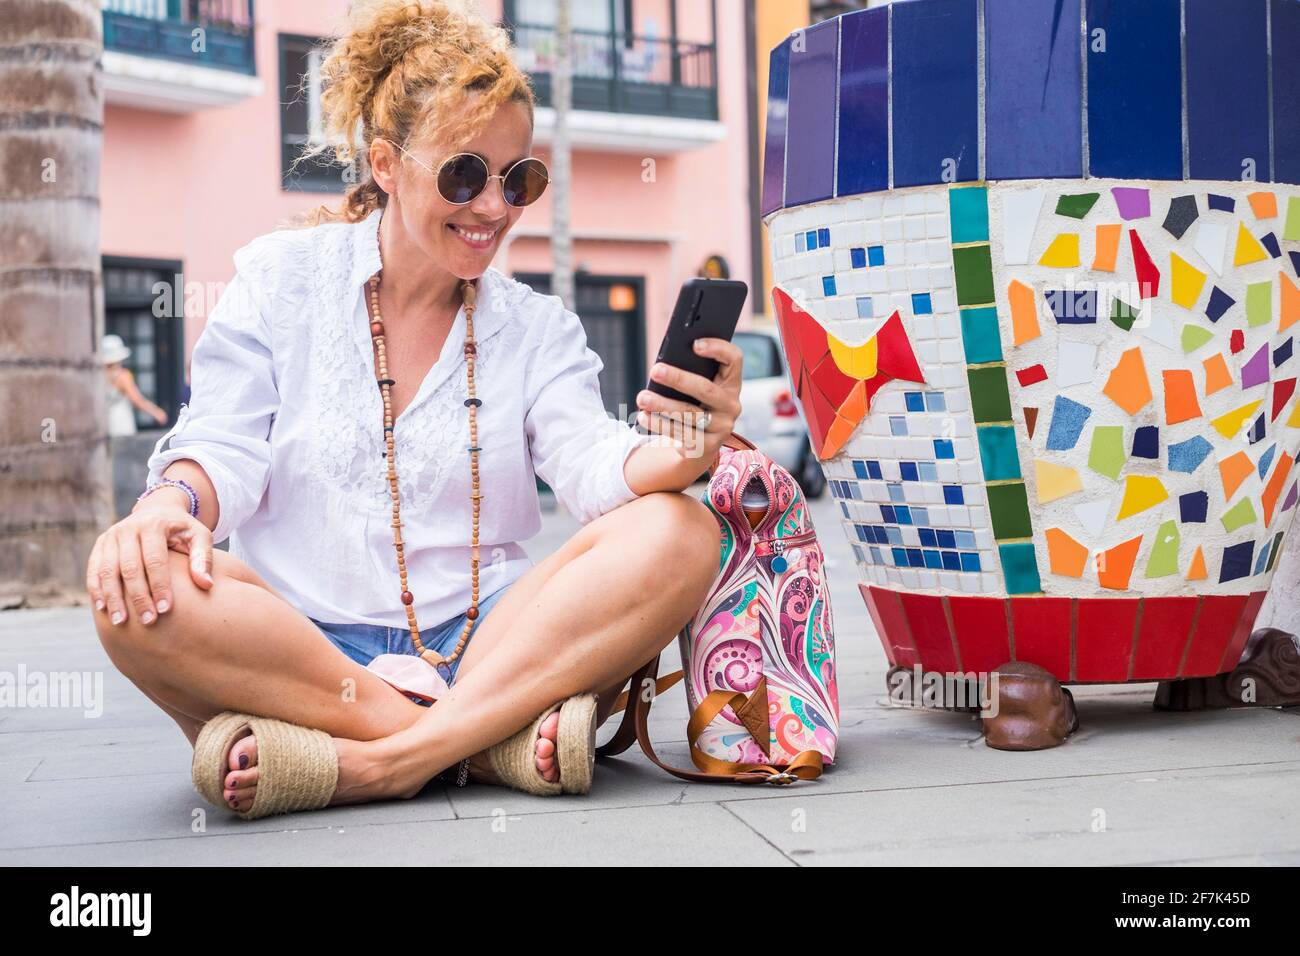 Une jeune touriste gaie s'est mise à l'esprit sur le terrain city et utiliser la connexion wi-fi sans fil gratuit iavec téléphone faire une conférence vidéo pour frie Banque D'Images